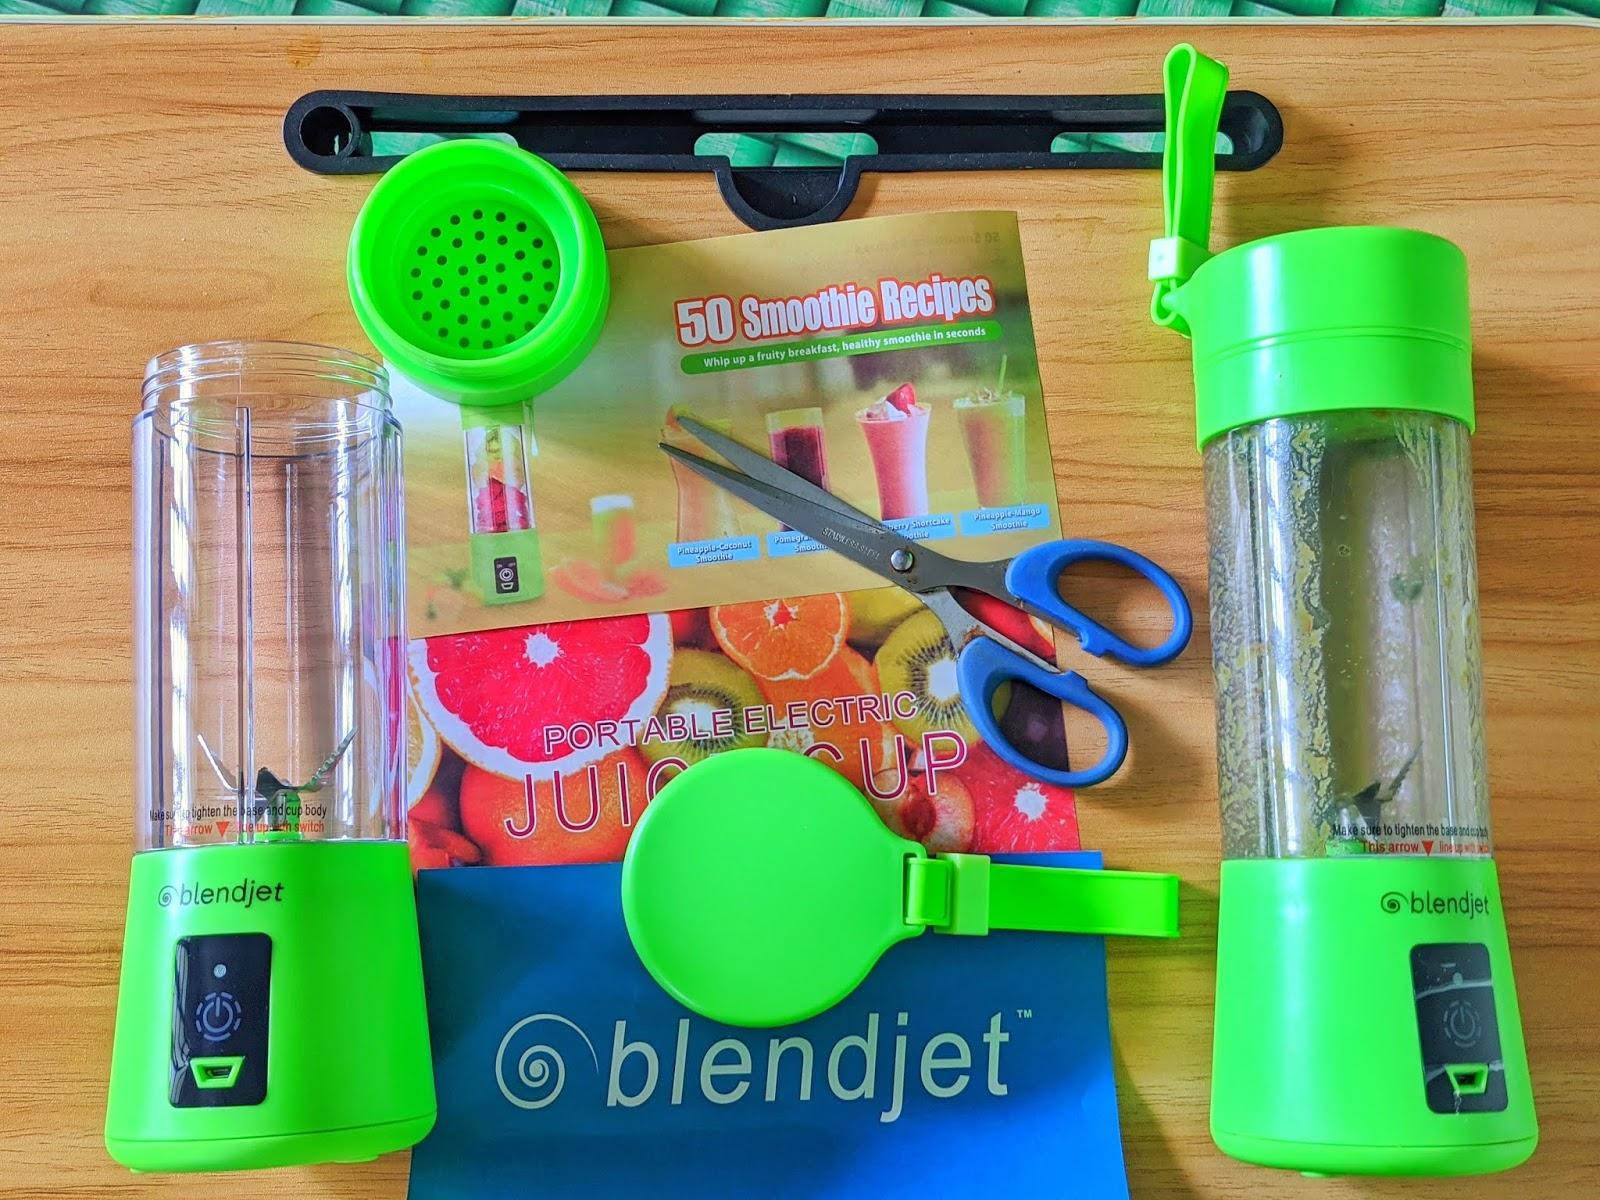 blendjet portable blender review